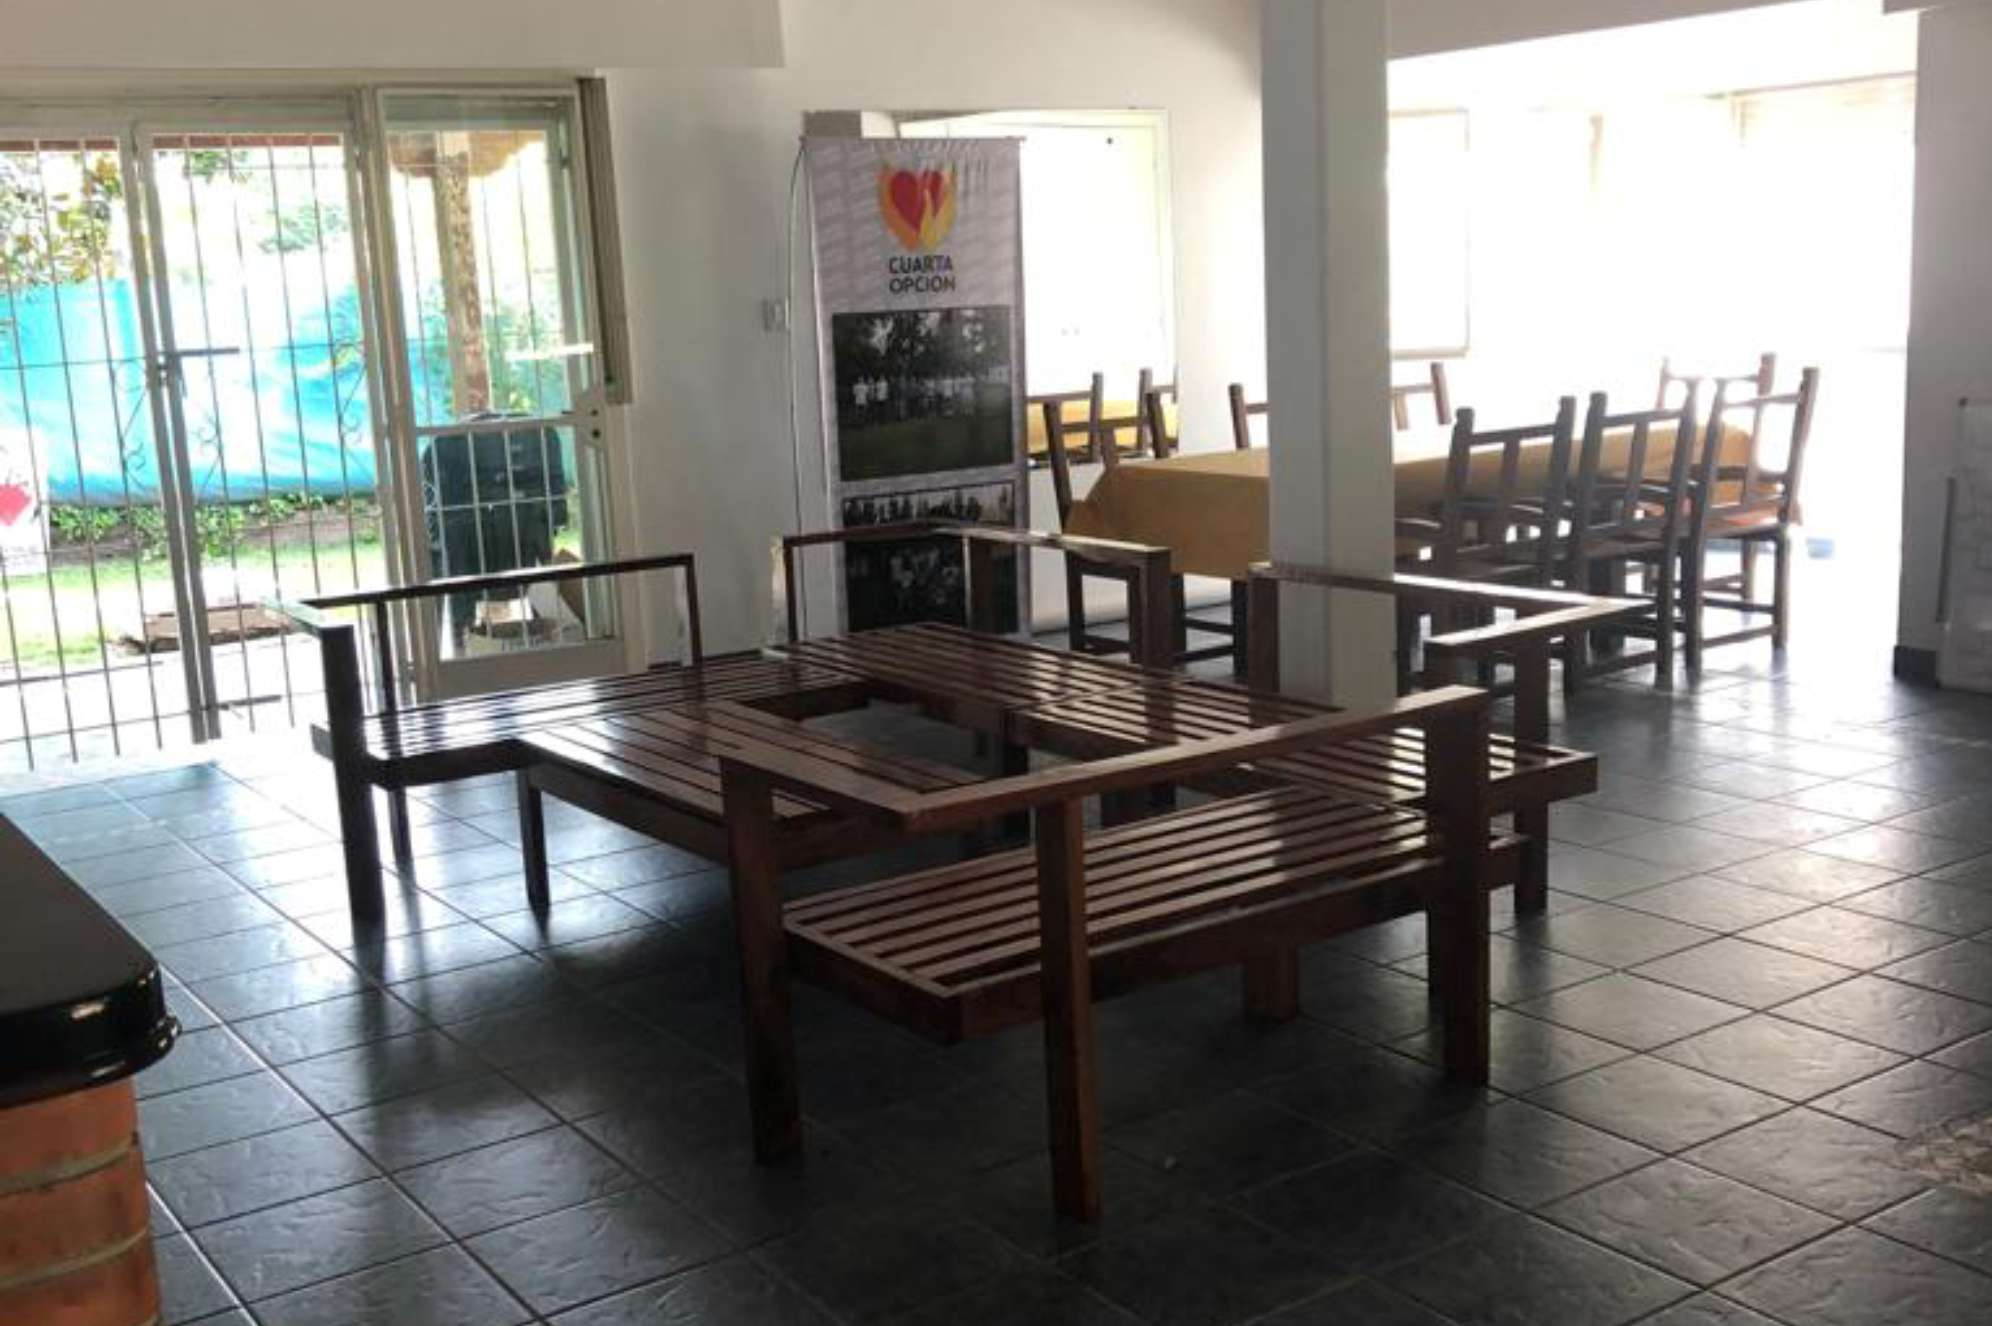 Ambulatorio interior 2